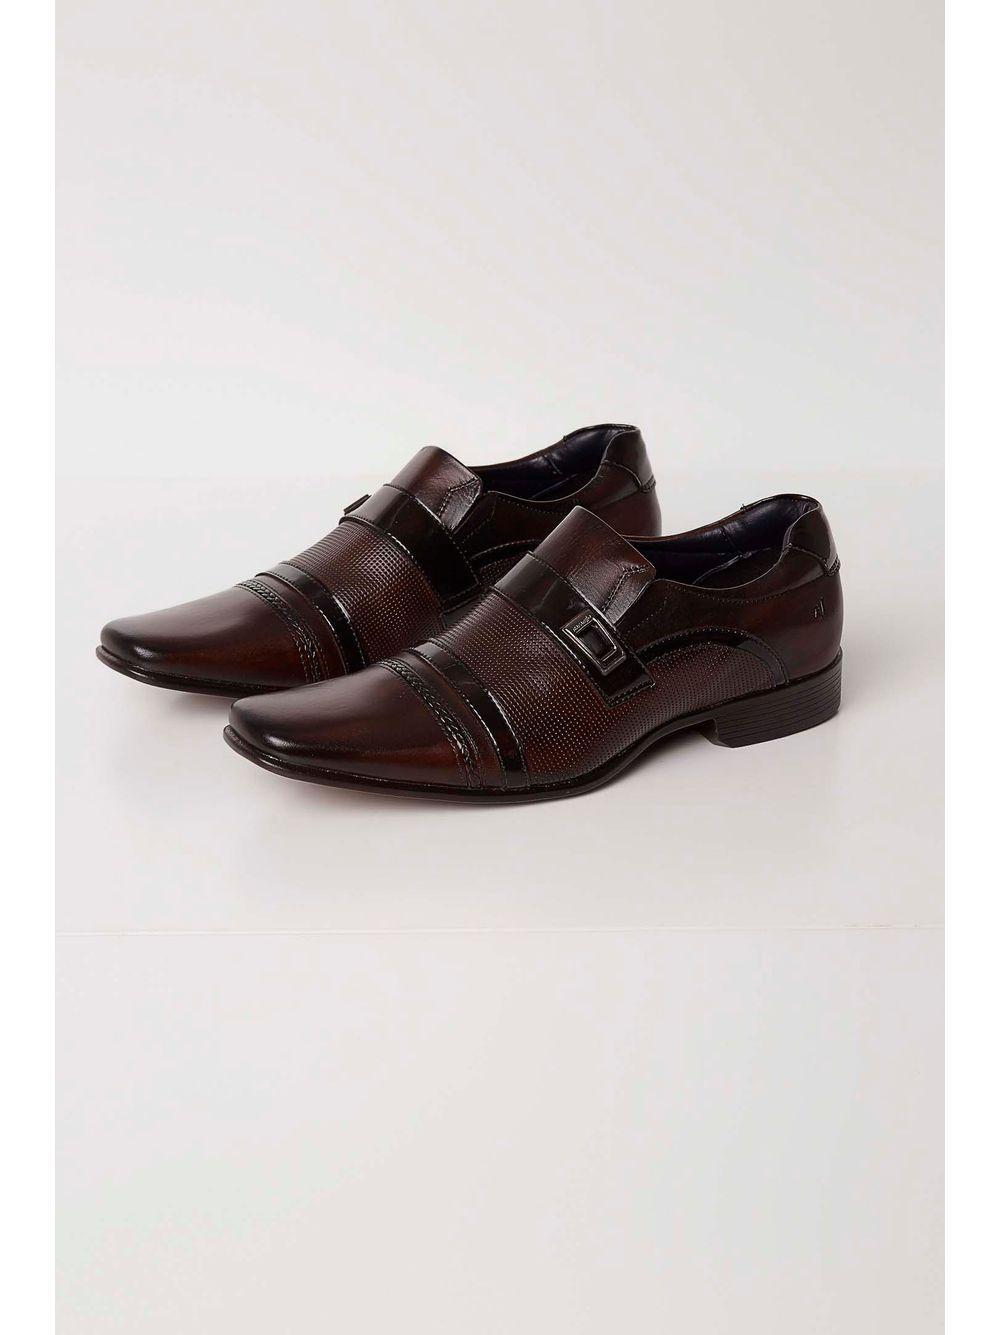 b387a1c95 Sapato Social Rafarillo Couro Aplique Metalizado Marrom - pittol